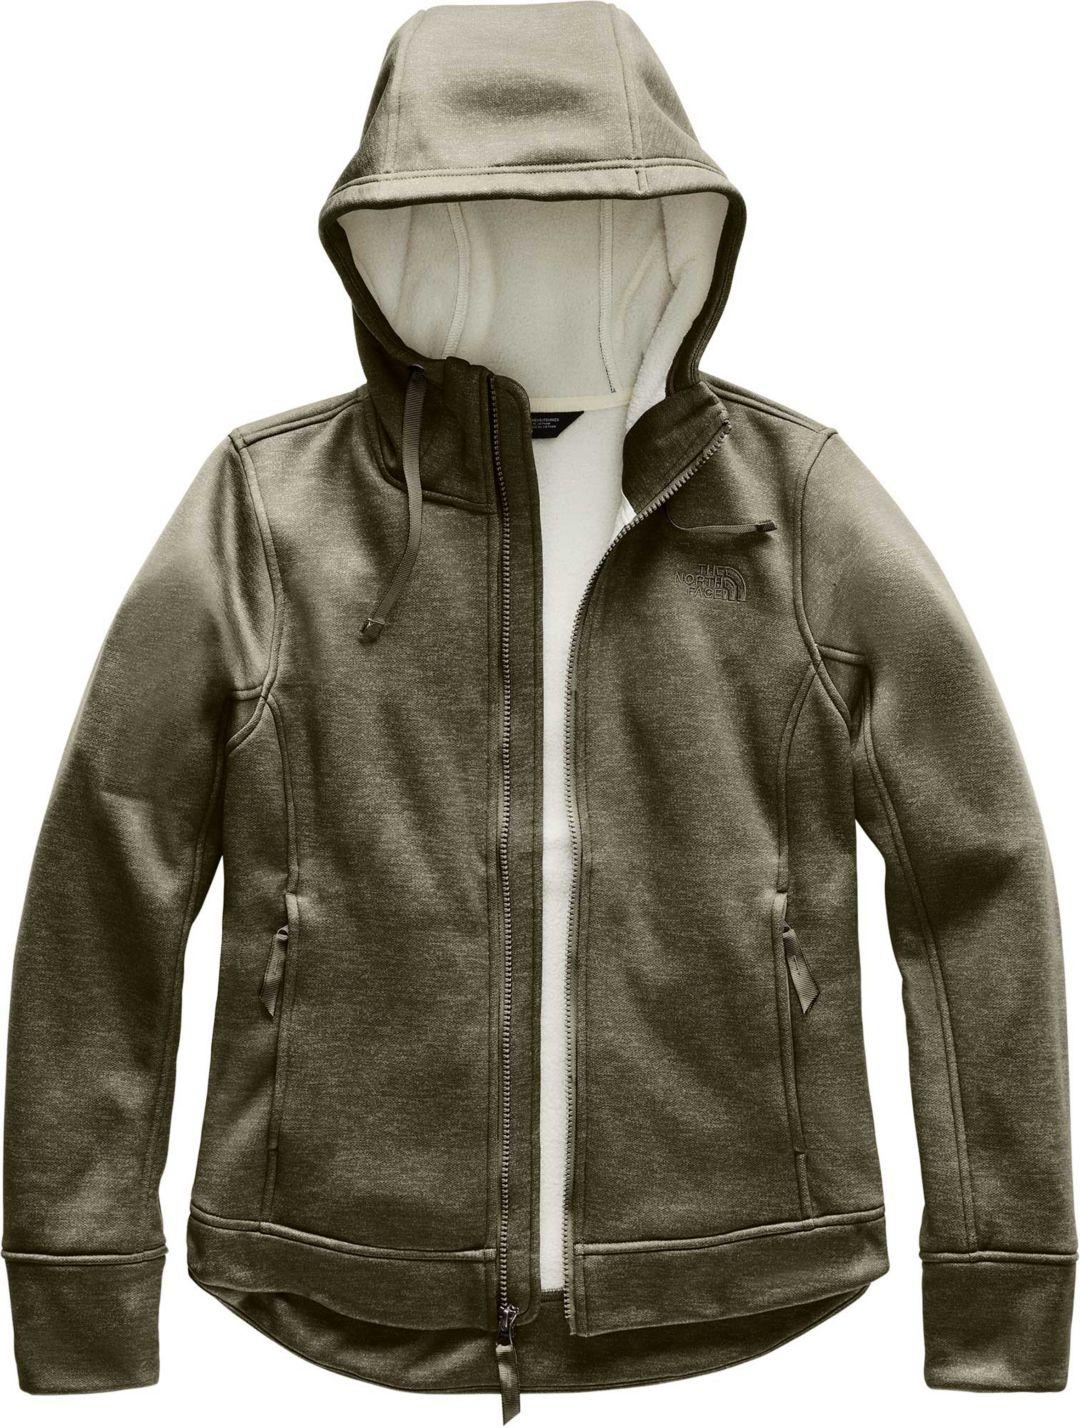 c7323119e The North Face Women's Mattea Full-Zip Fleece Hoodie